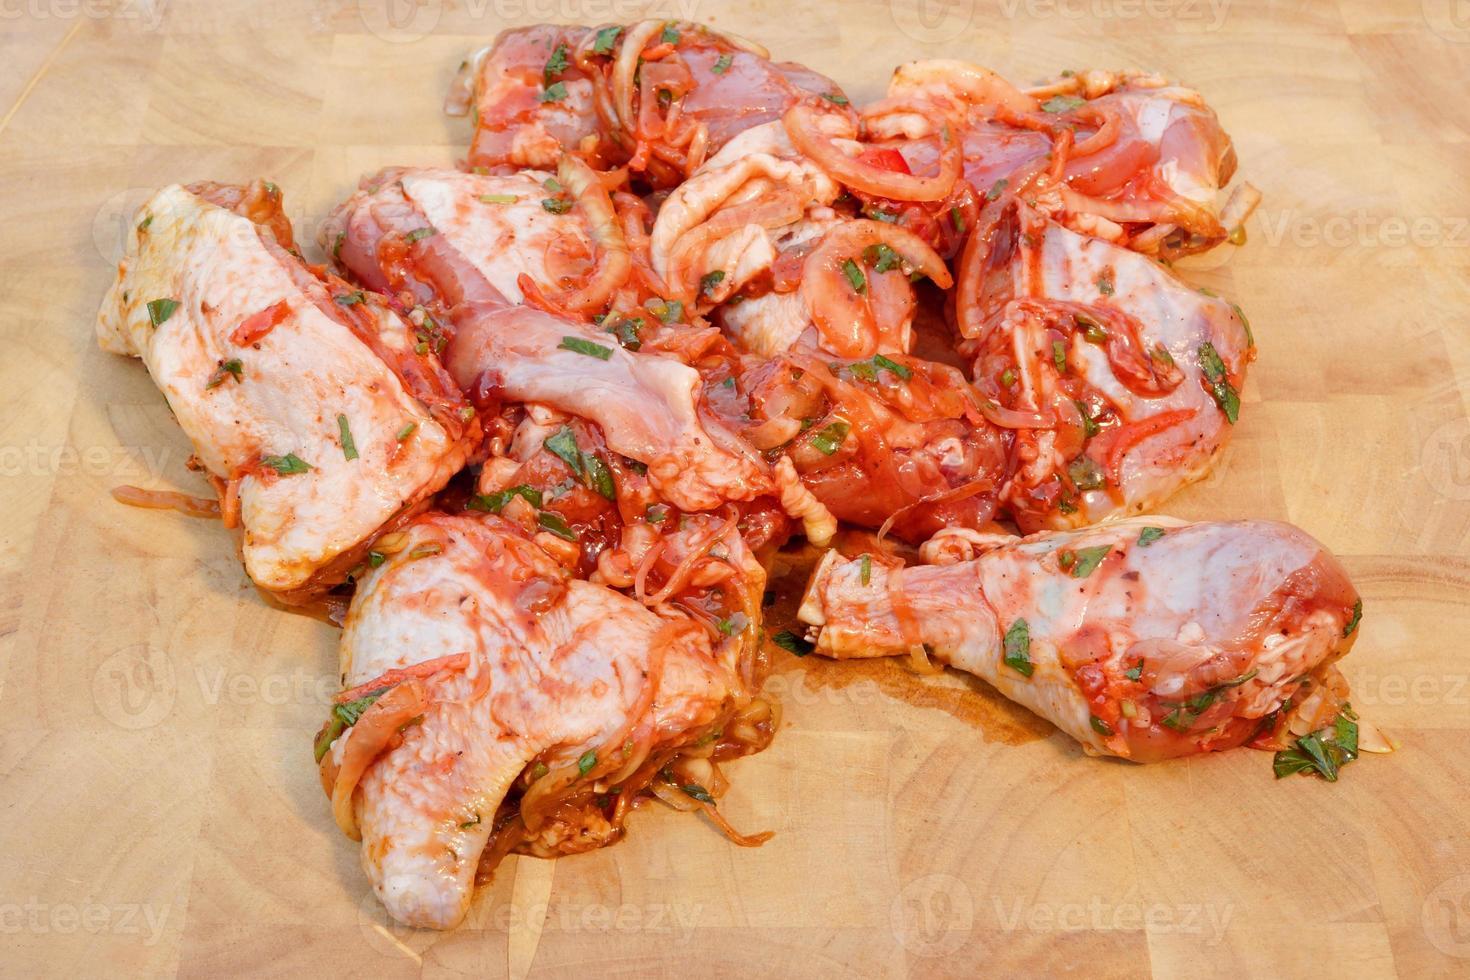 pedaços de frango marinado no fundo da tábua de madeira foto